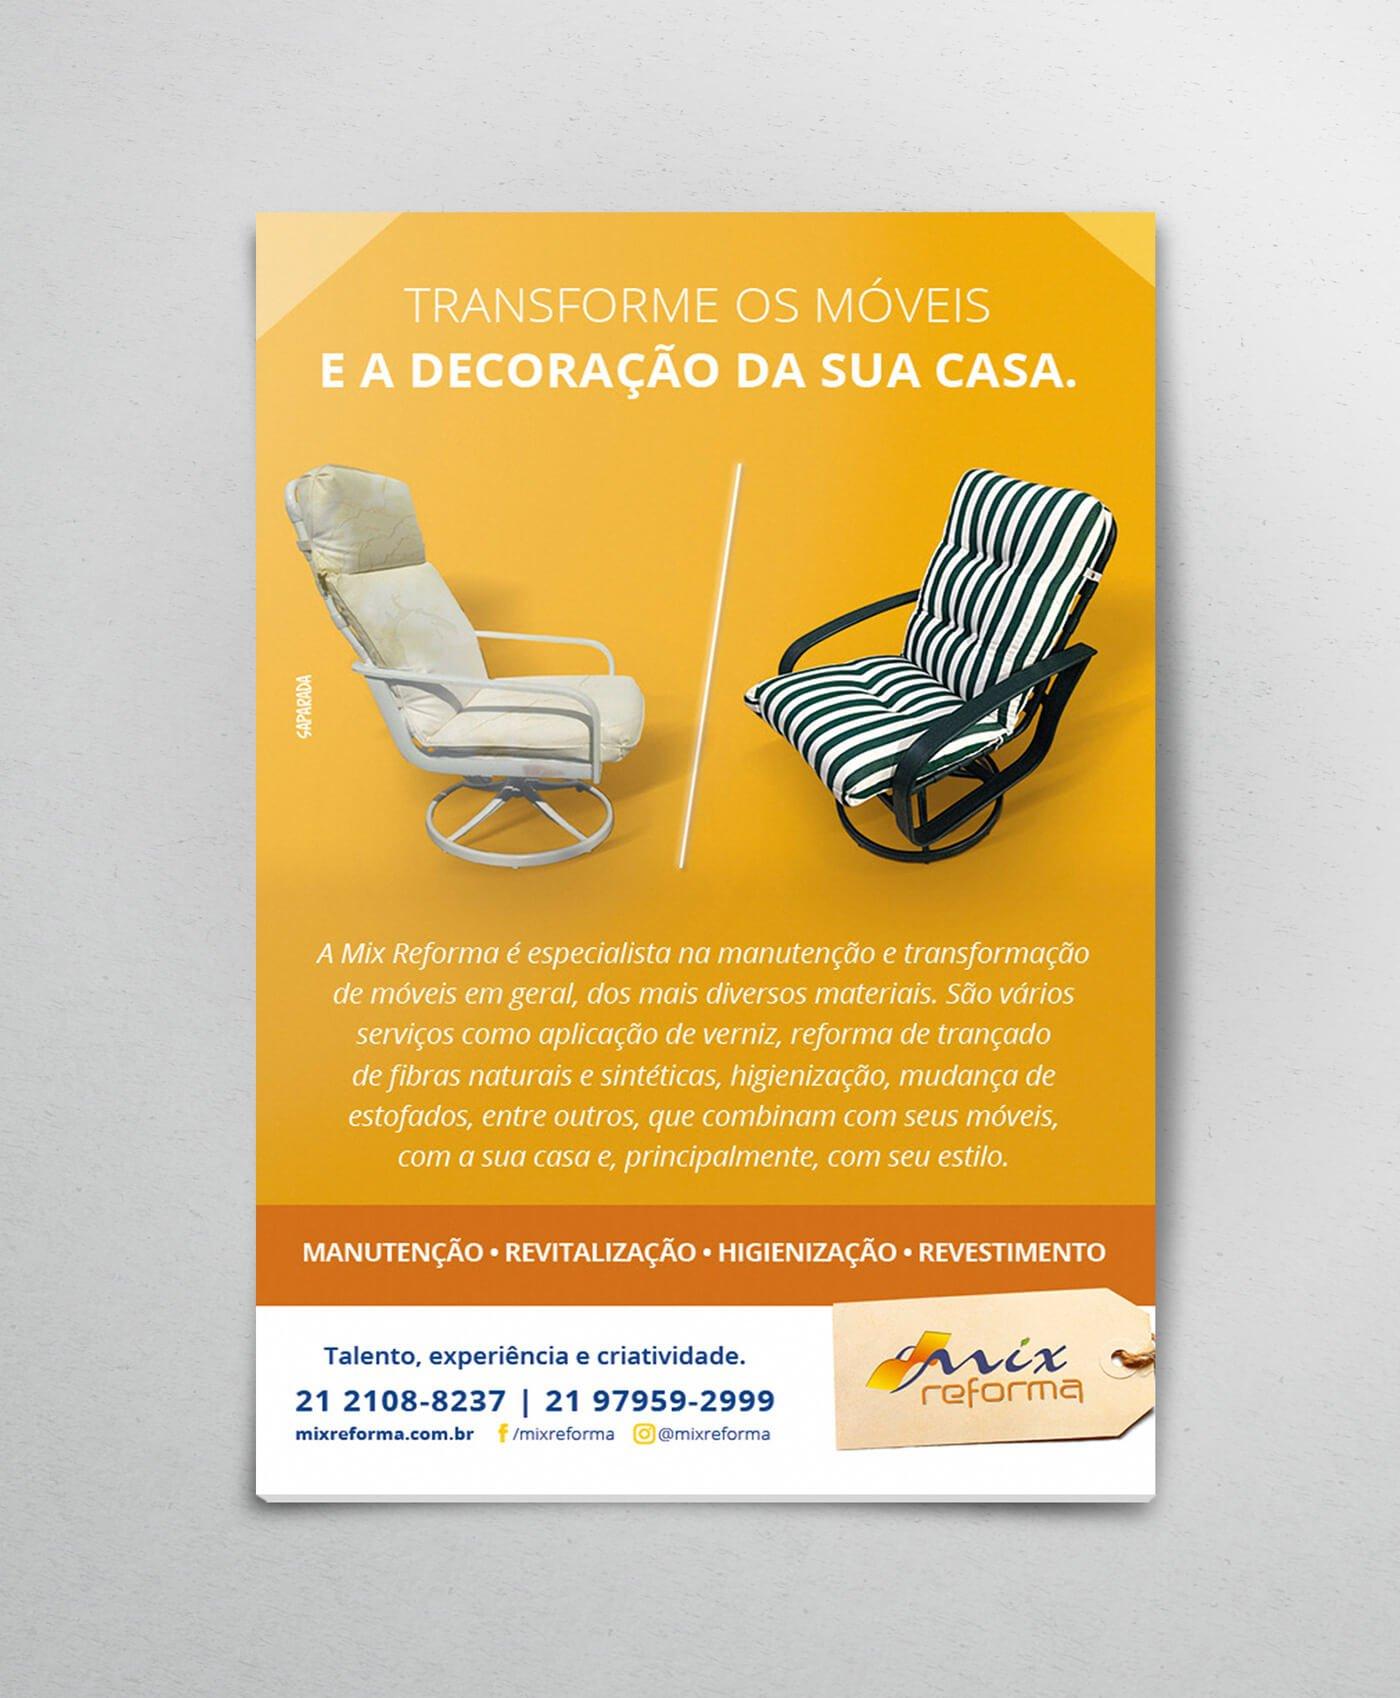 Anúncio Mix Reforma - Transforme seus Móveis